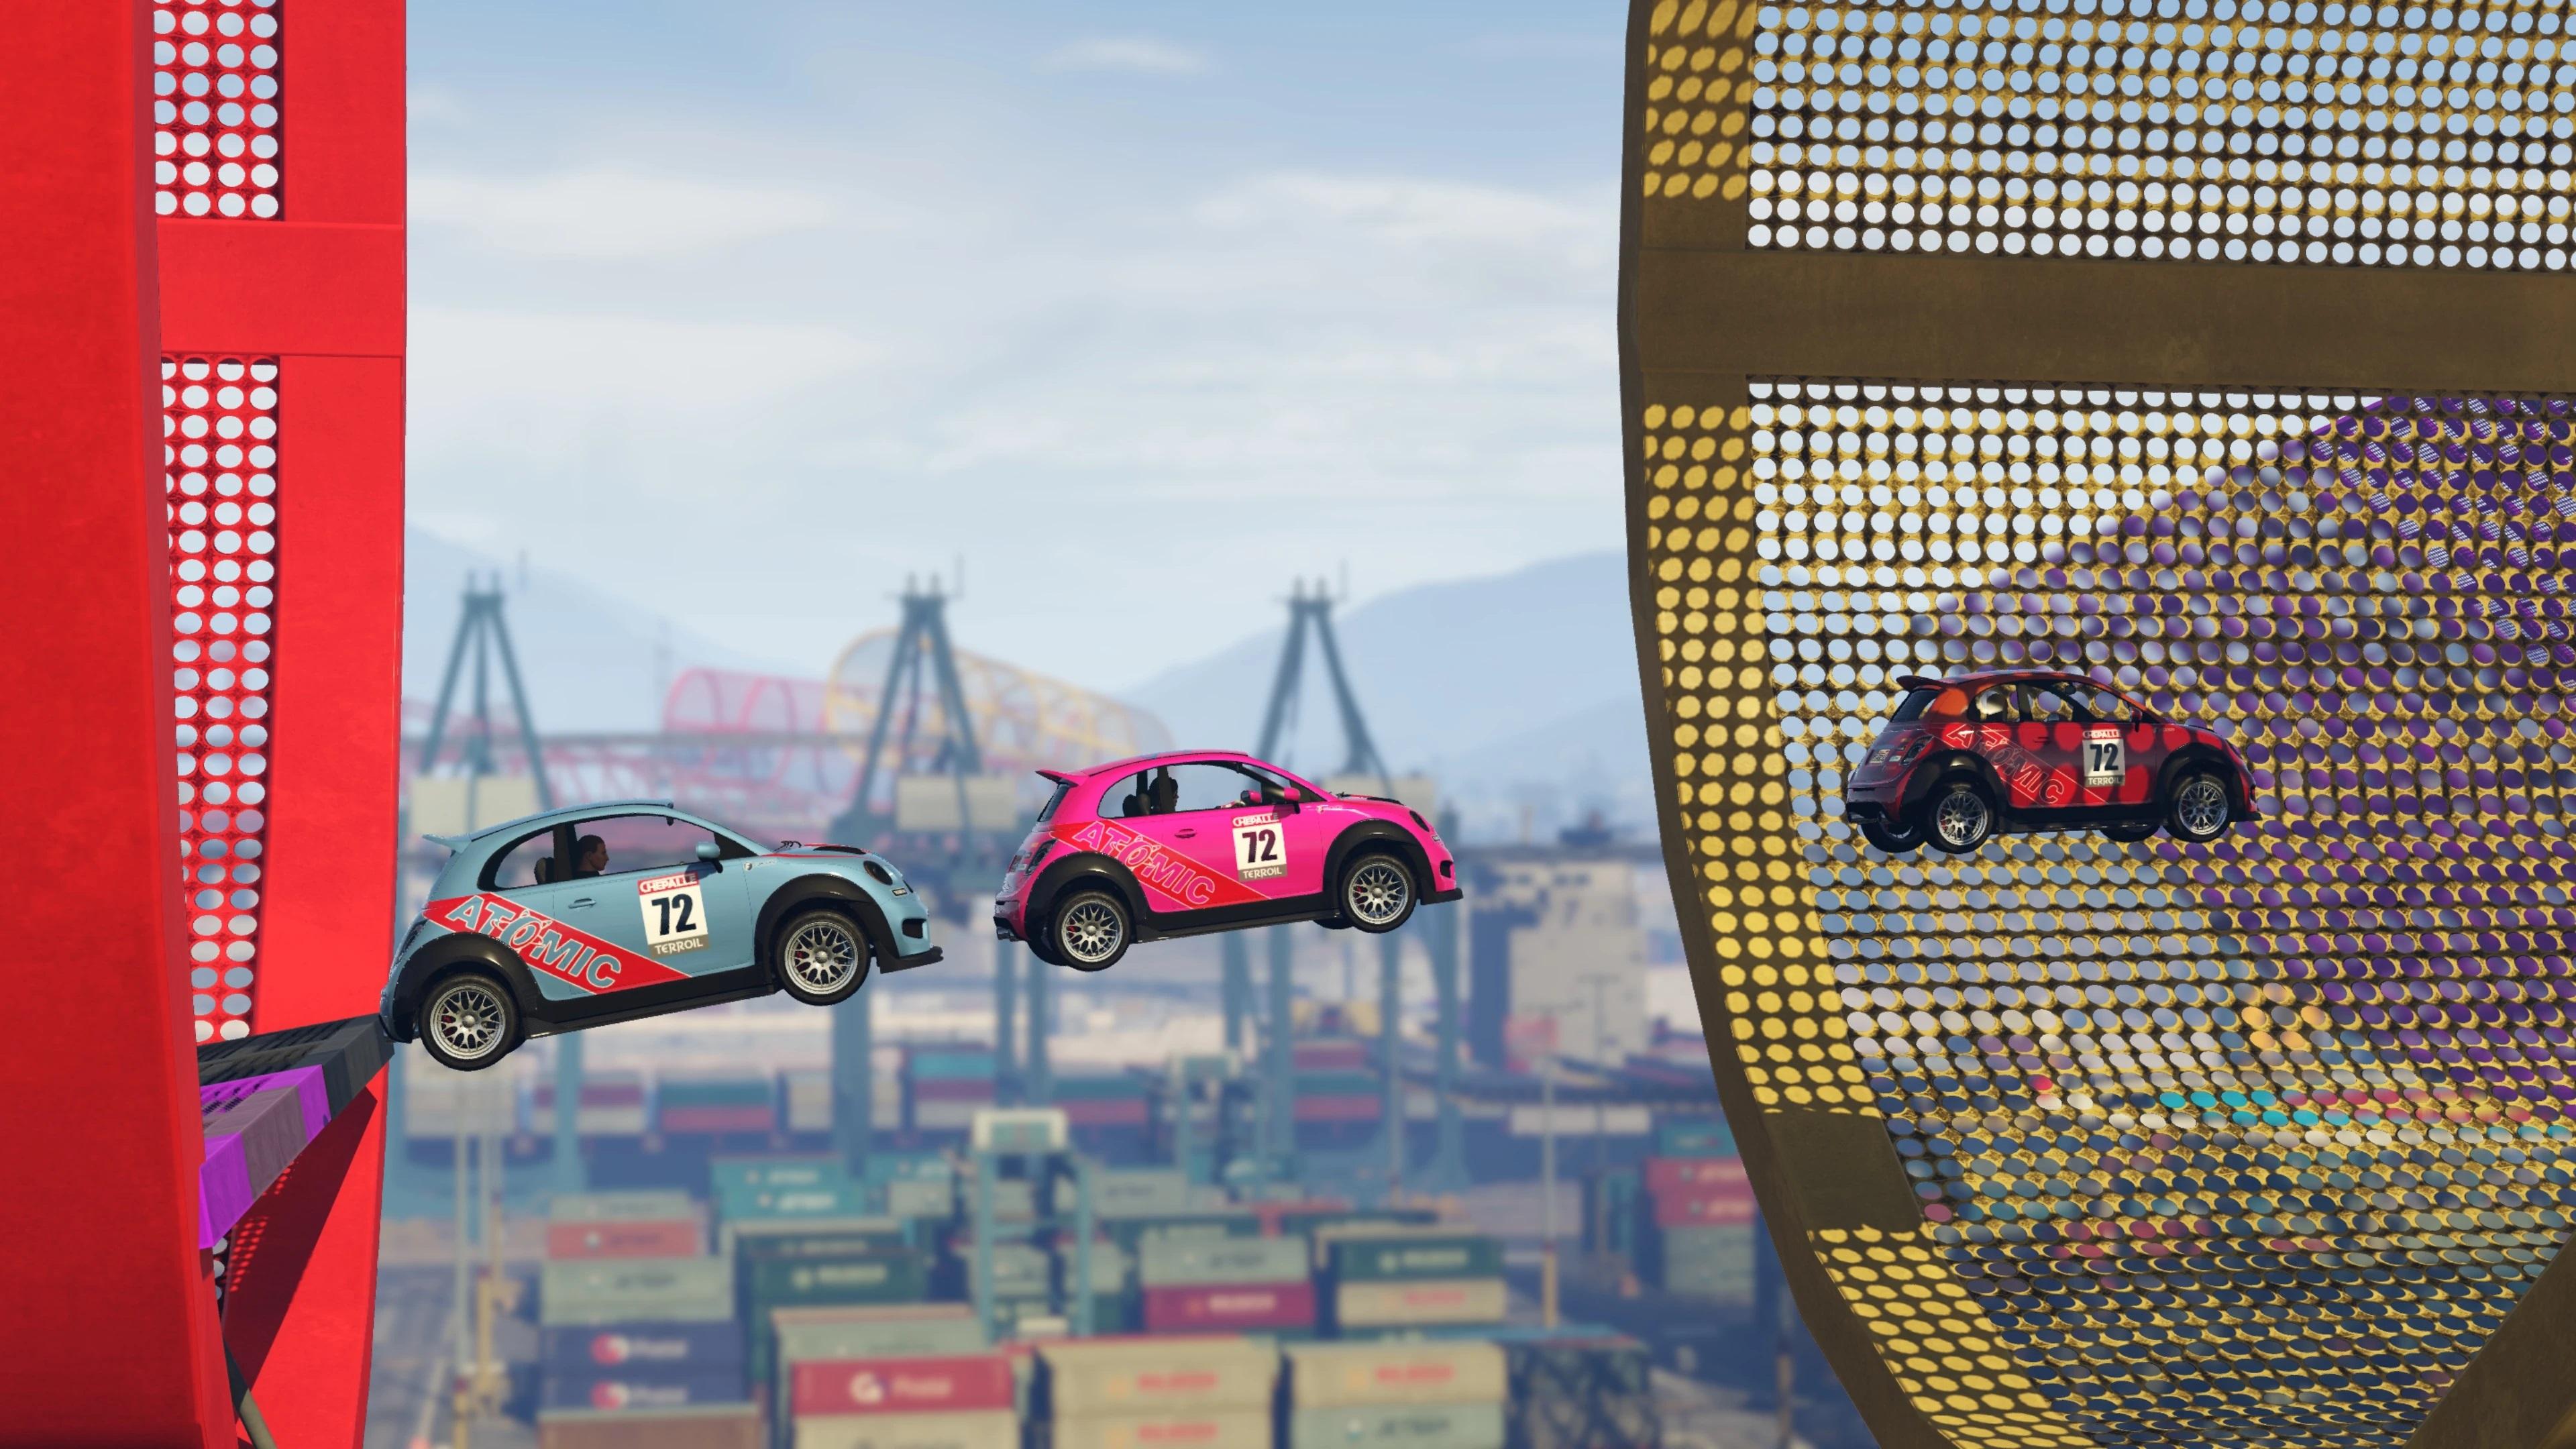 Archivo:Stunts 5.jpeg